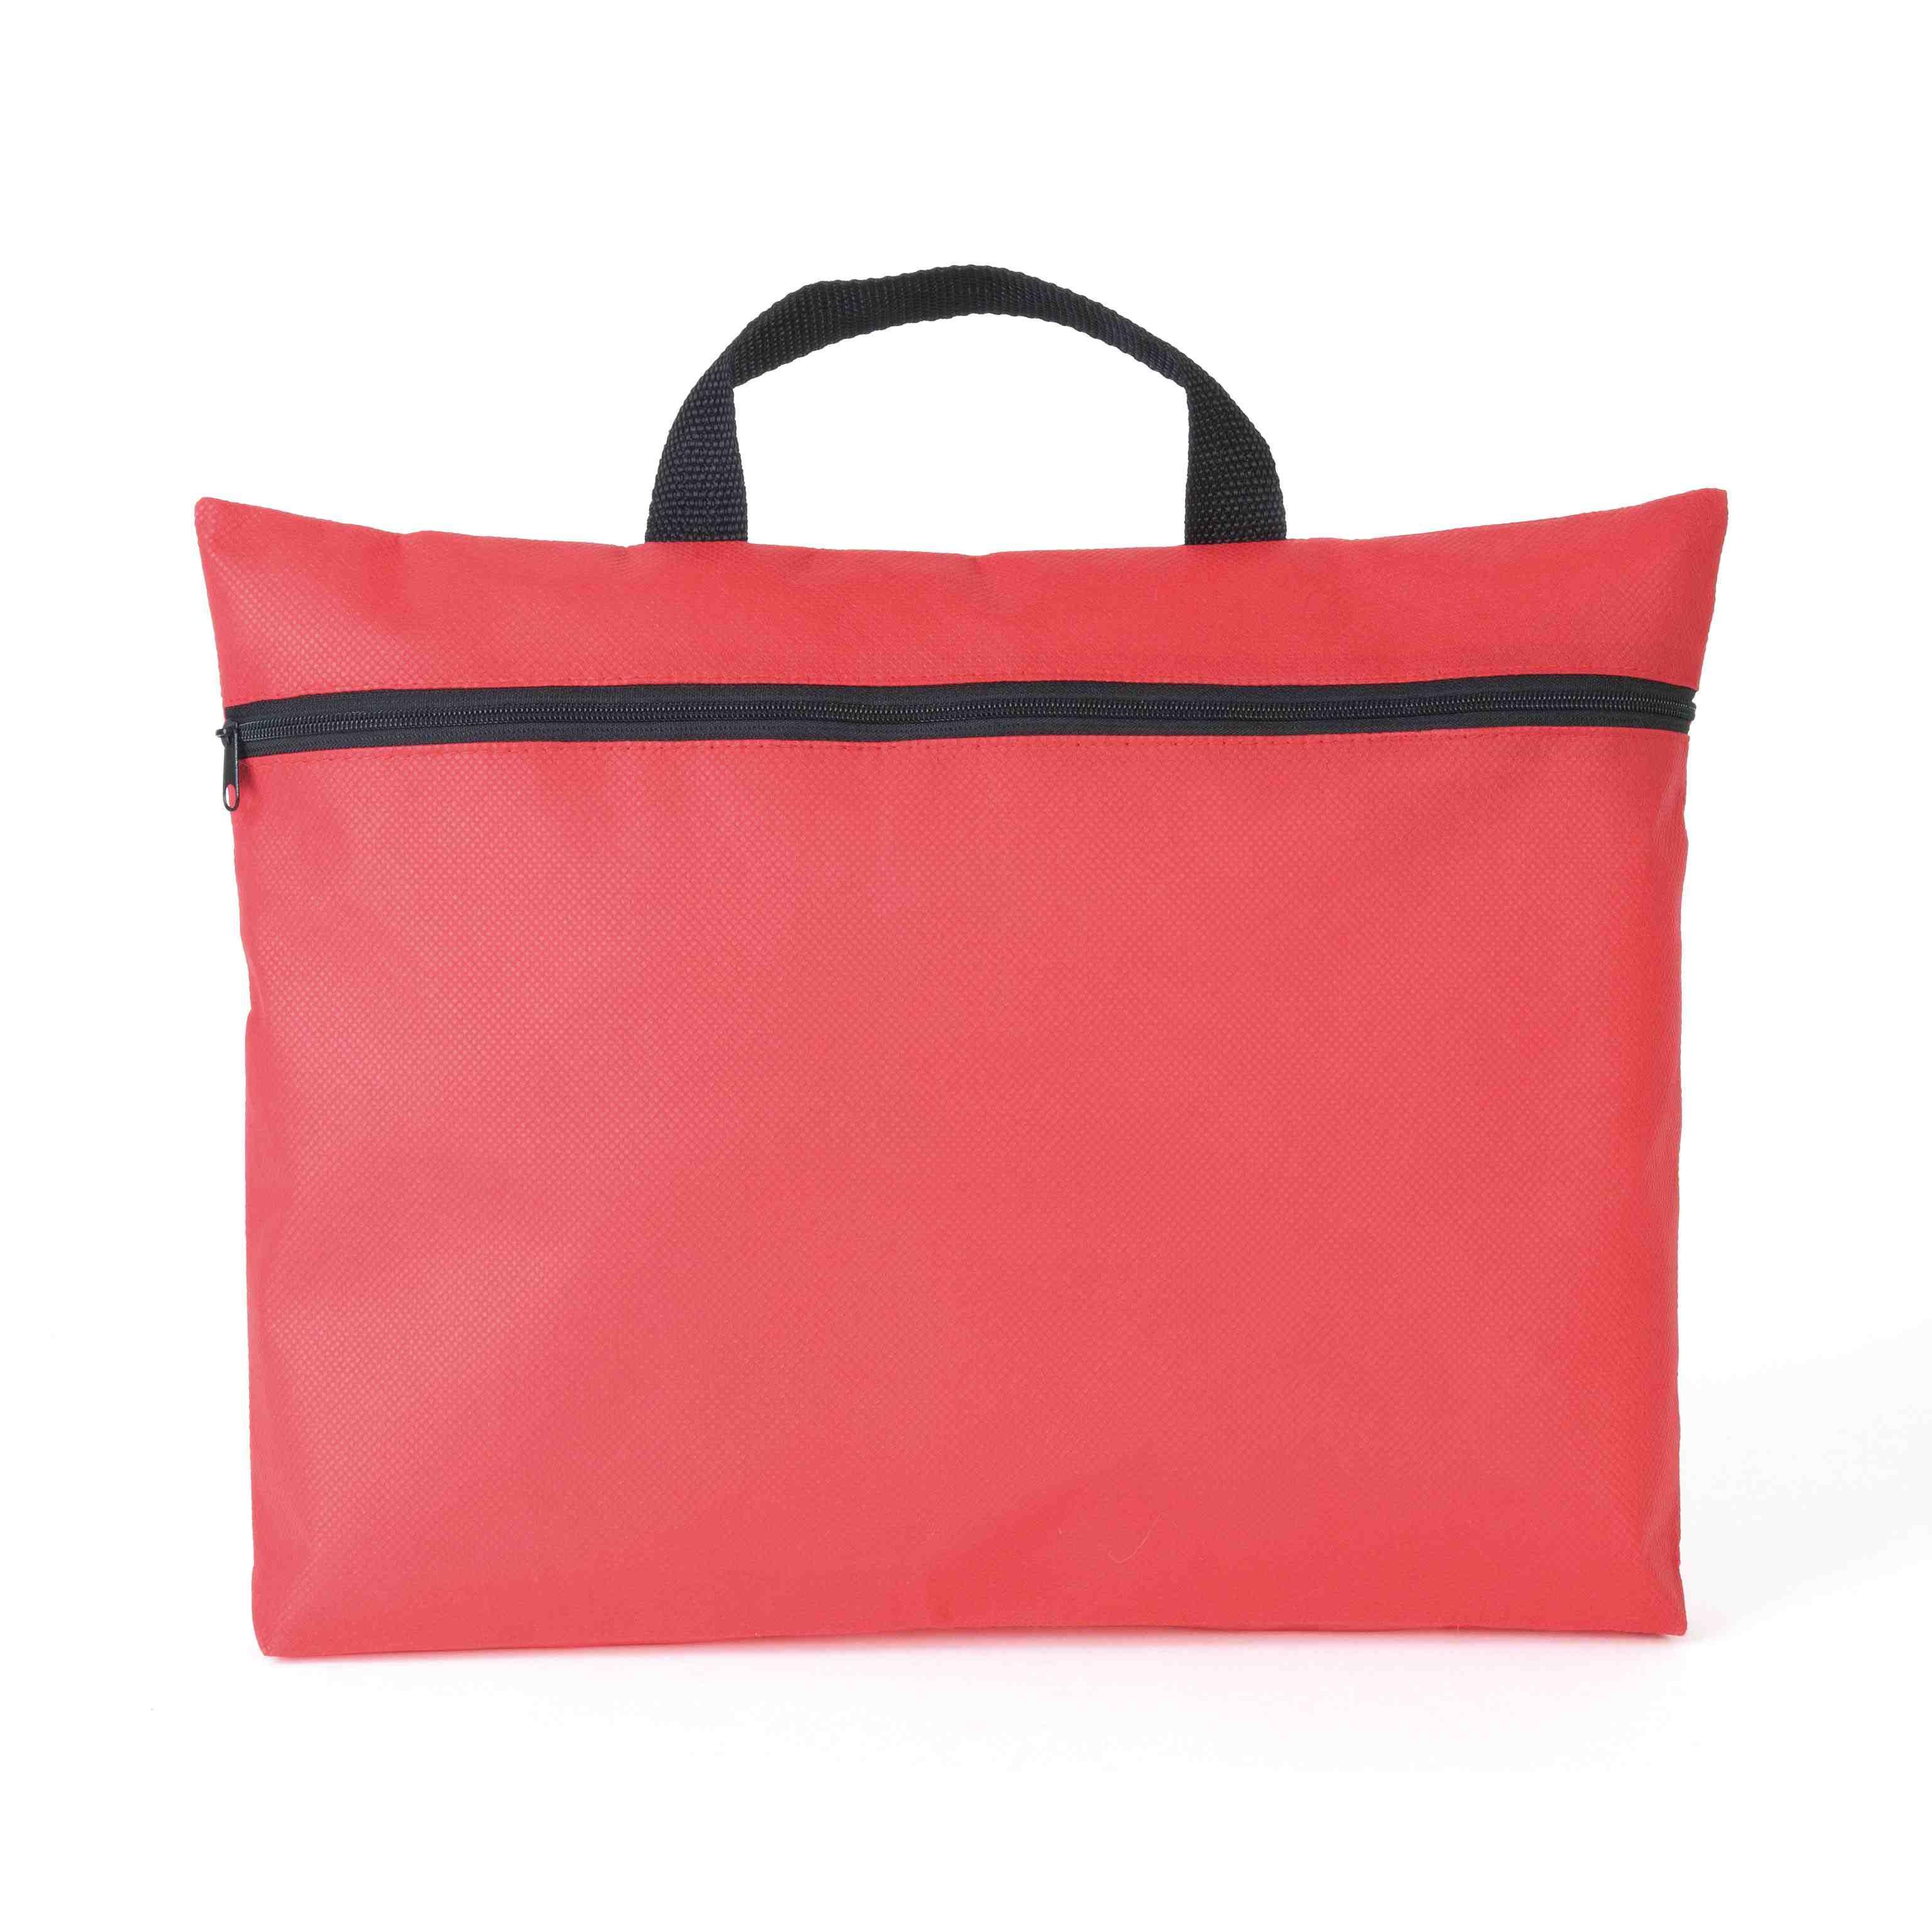 Cadeau publicitaire - Porte-documents publicitaire Zippe - rouge